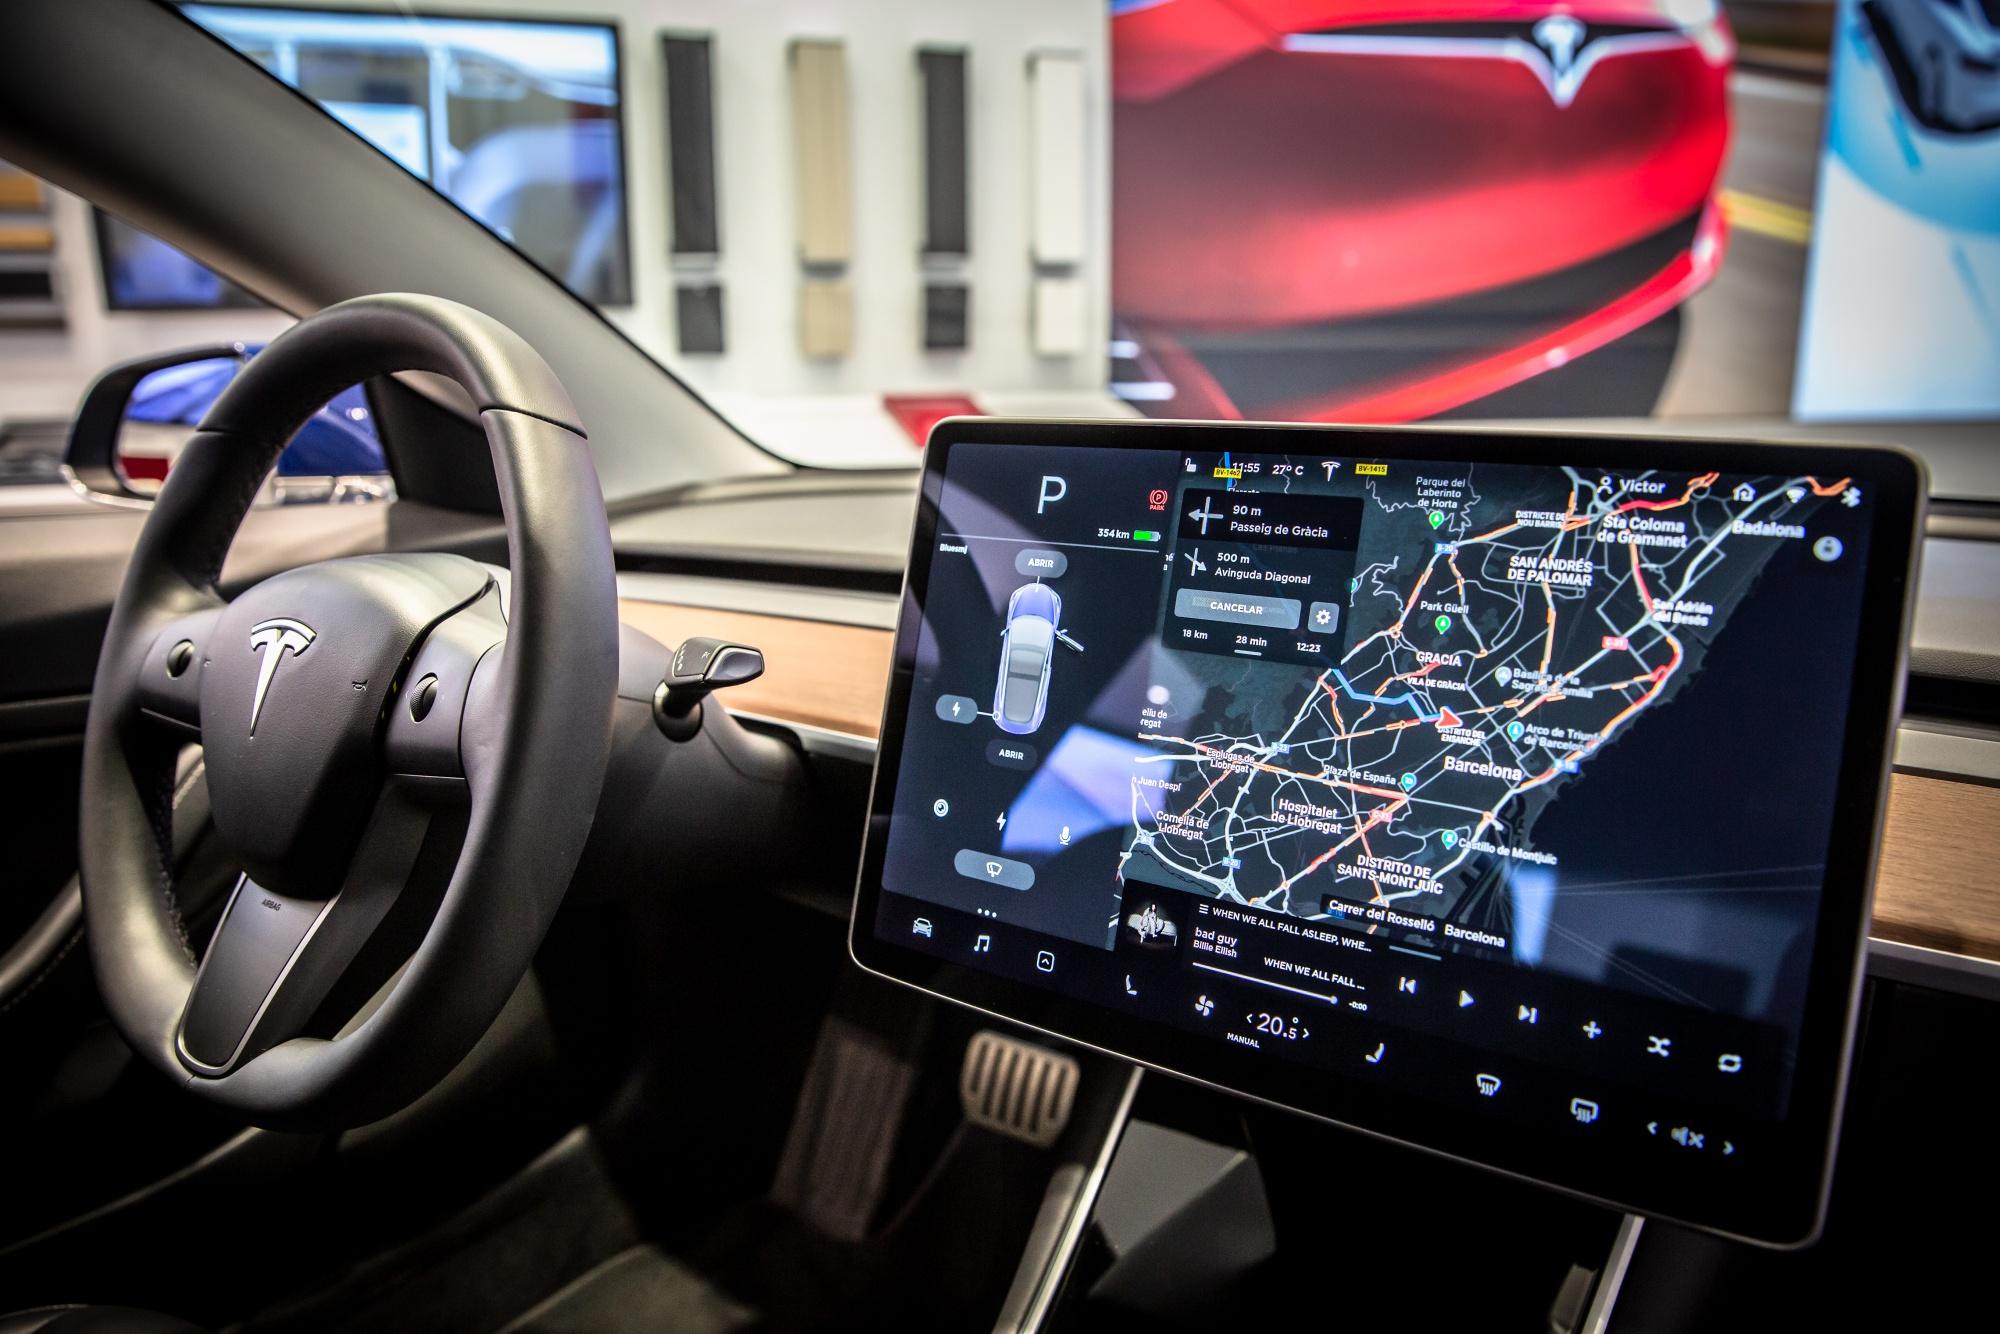 Stations de suralimentation comme Tesla Inc.  pour booster la production